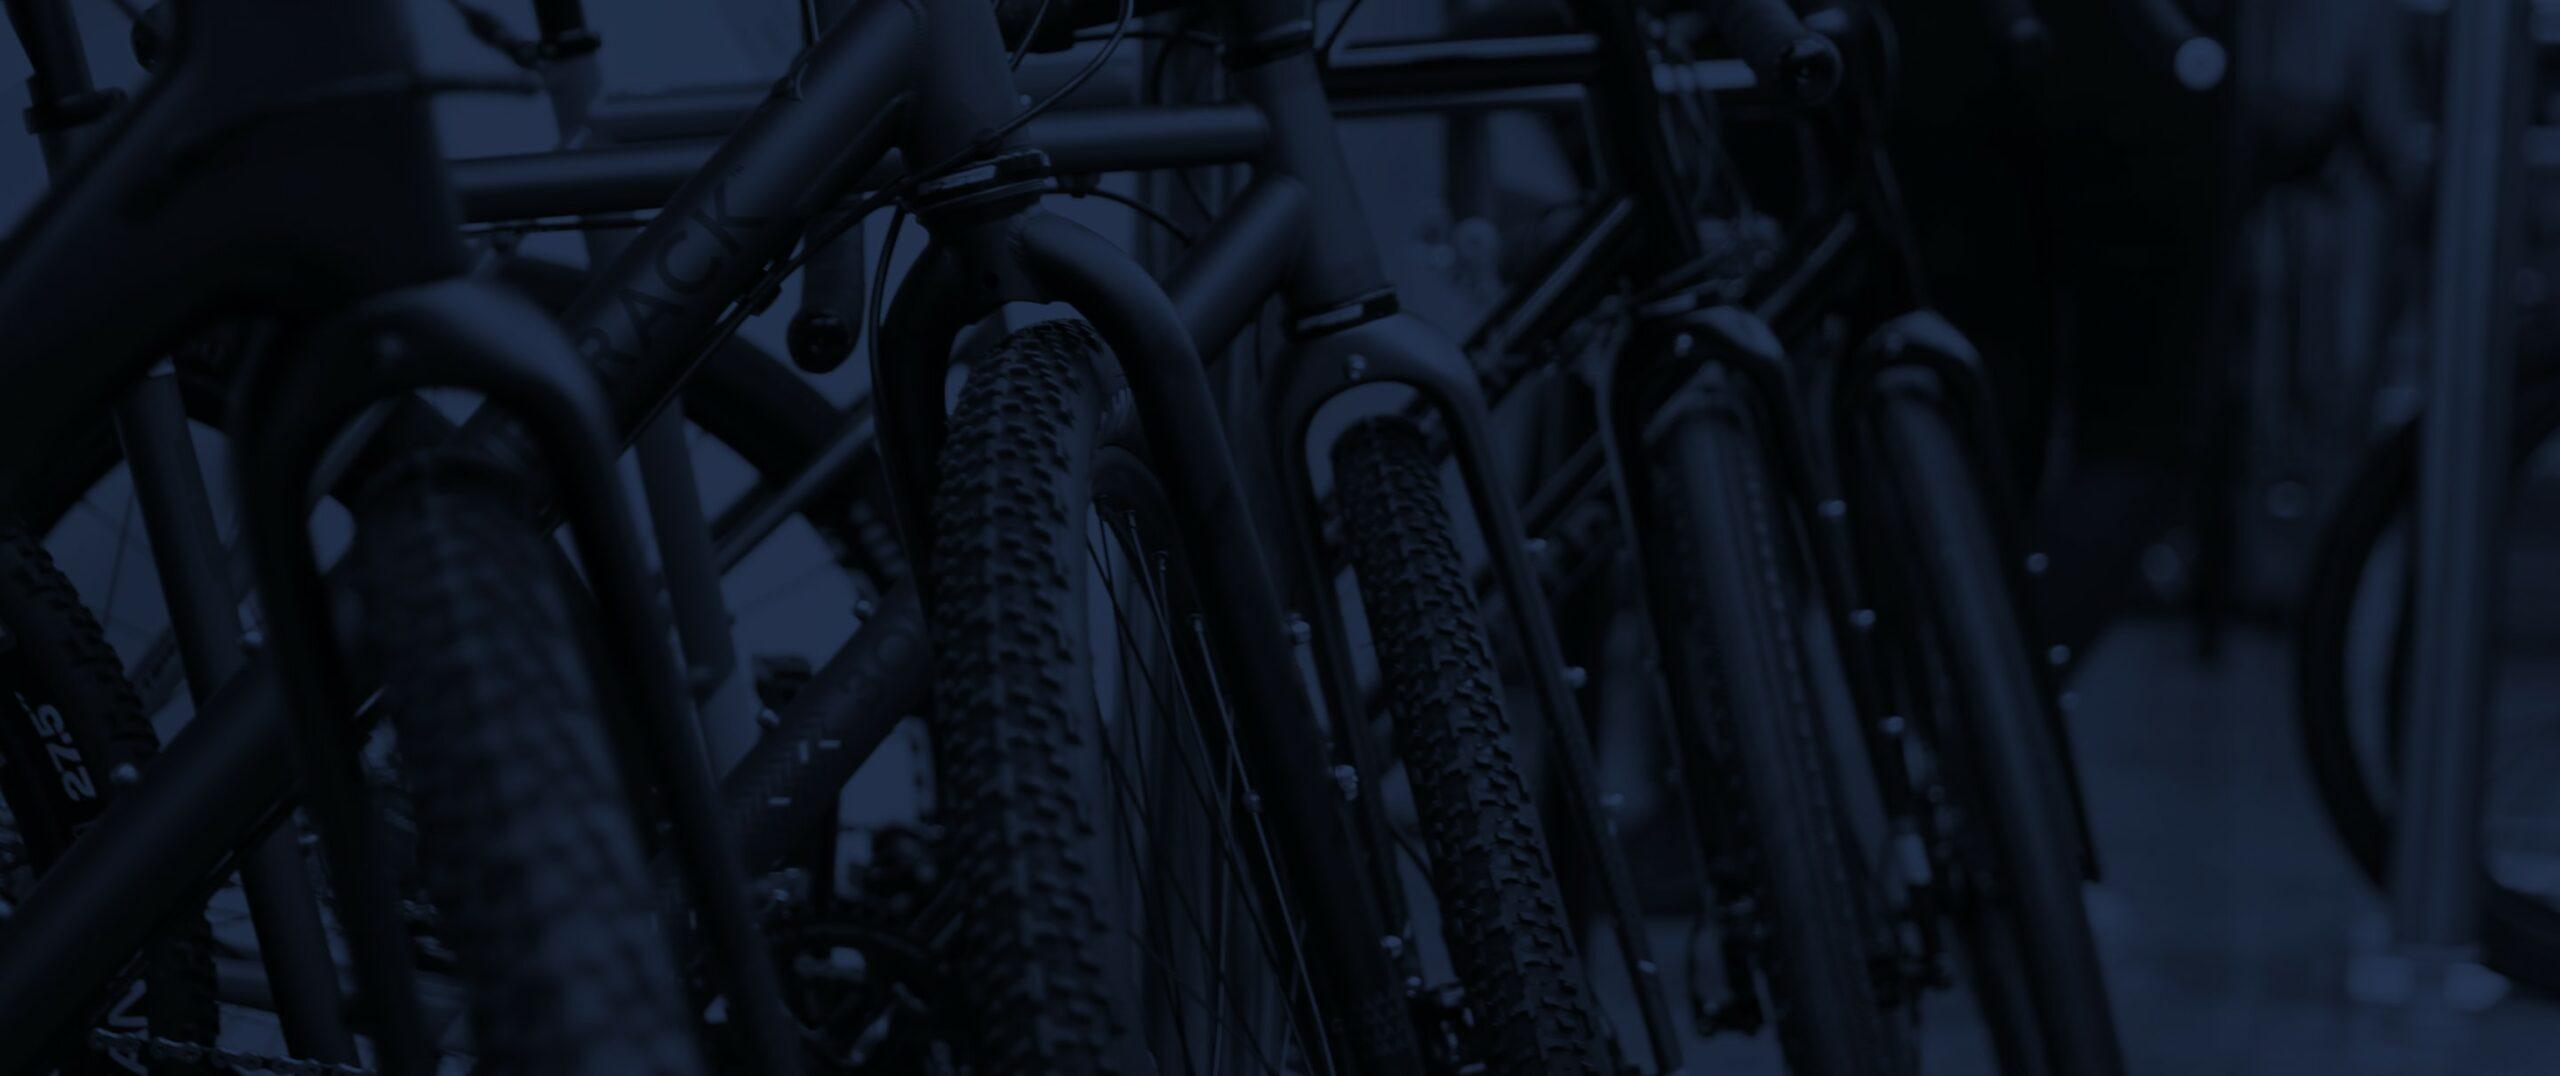 Detailaufnahme von Fahrrädern